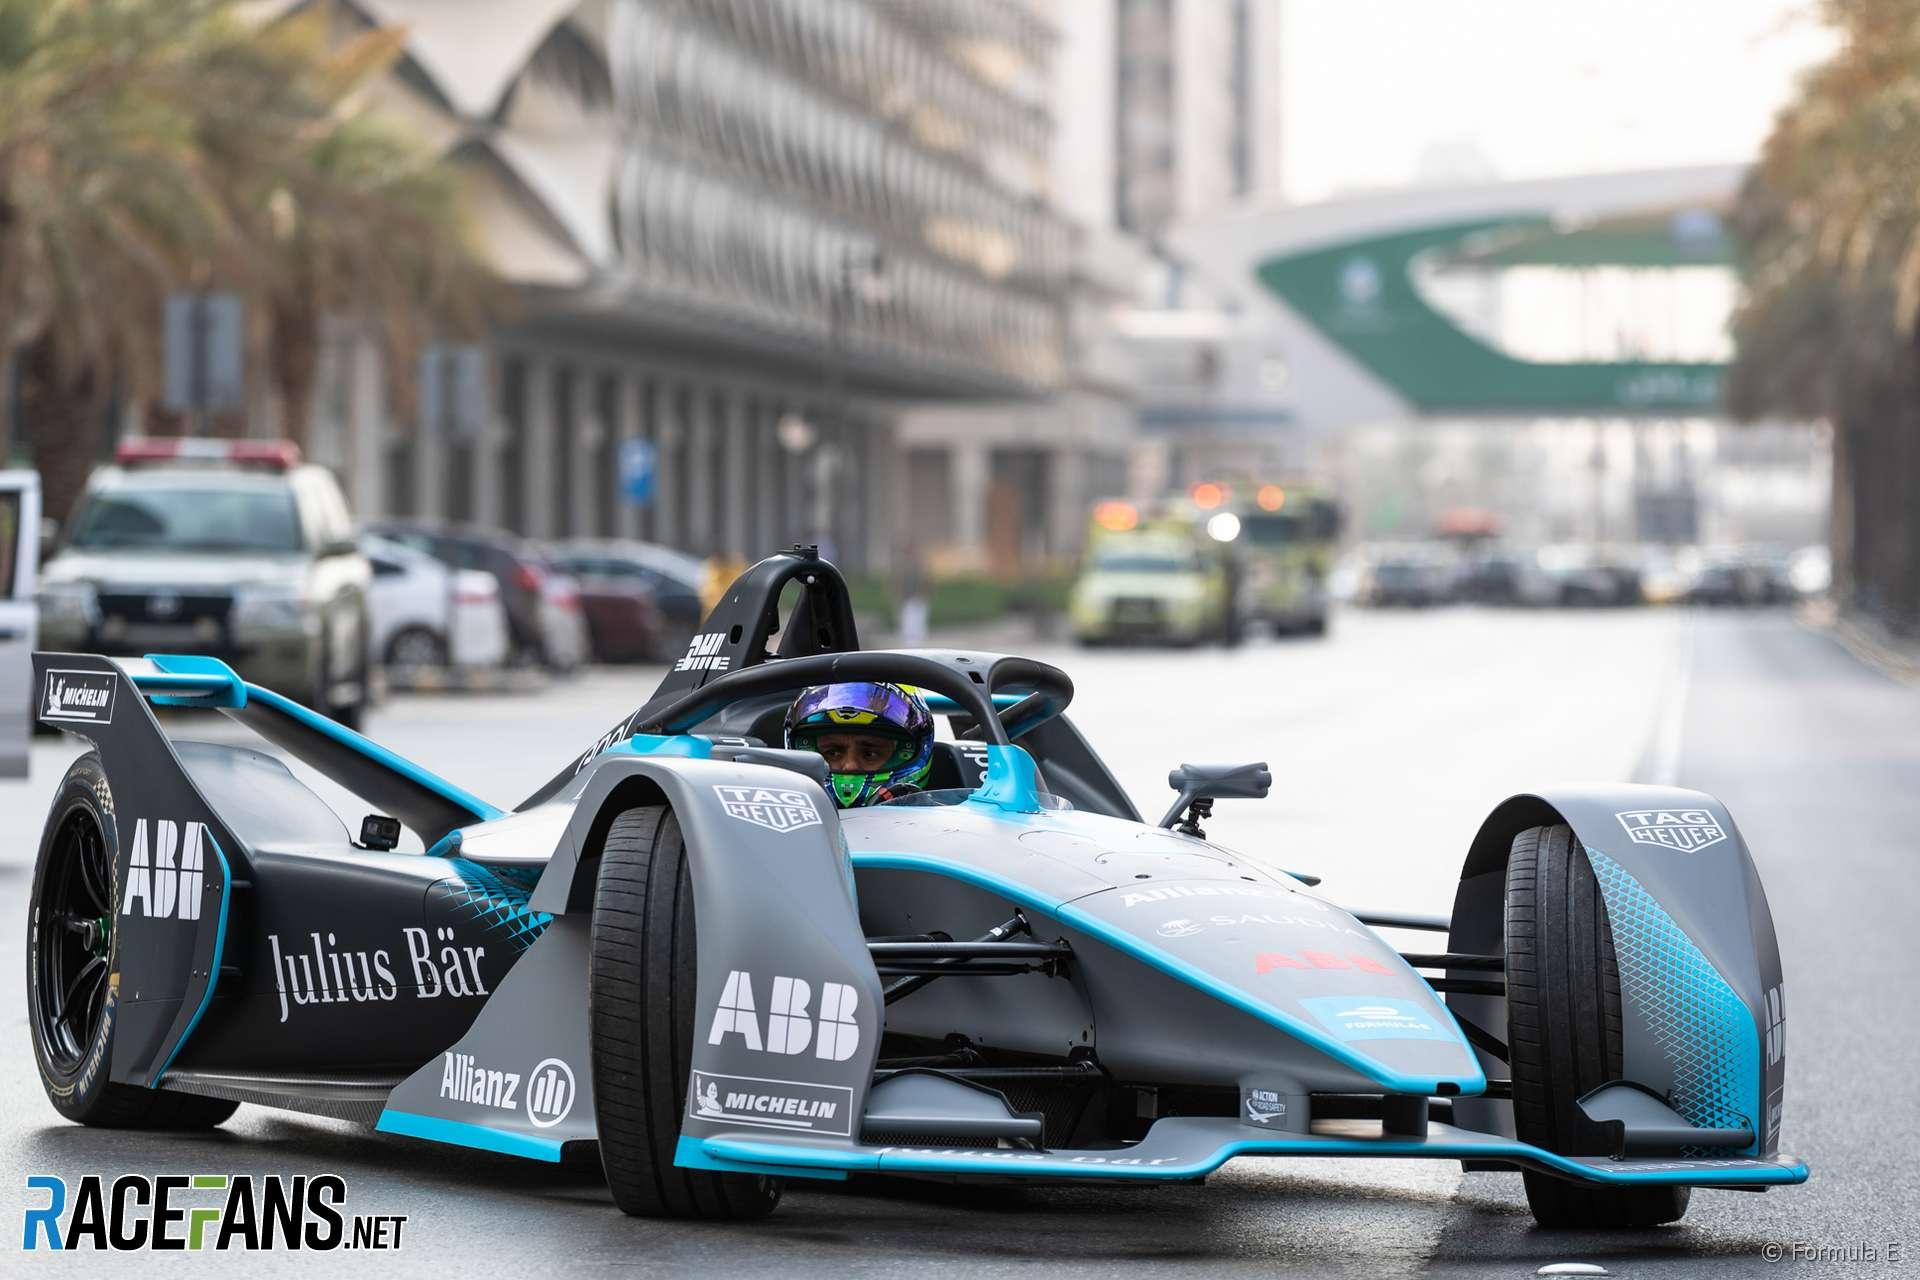 Felipe Ma Formula E Riyadh 2018